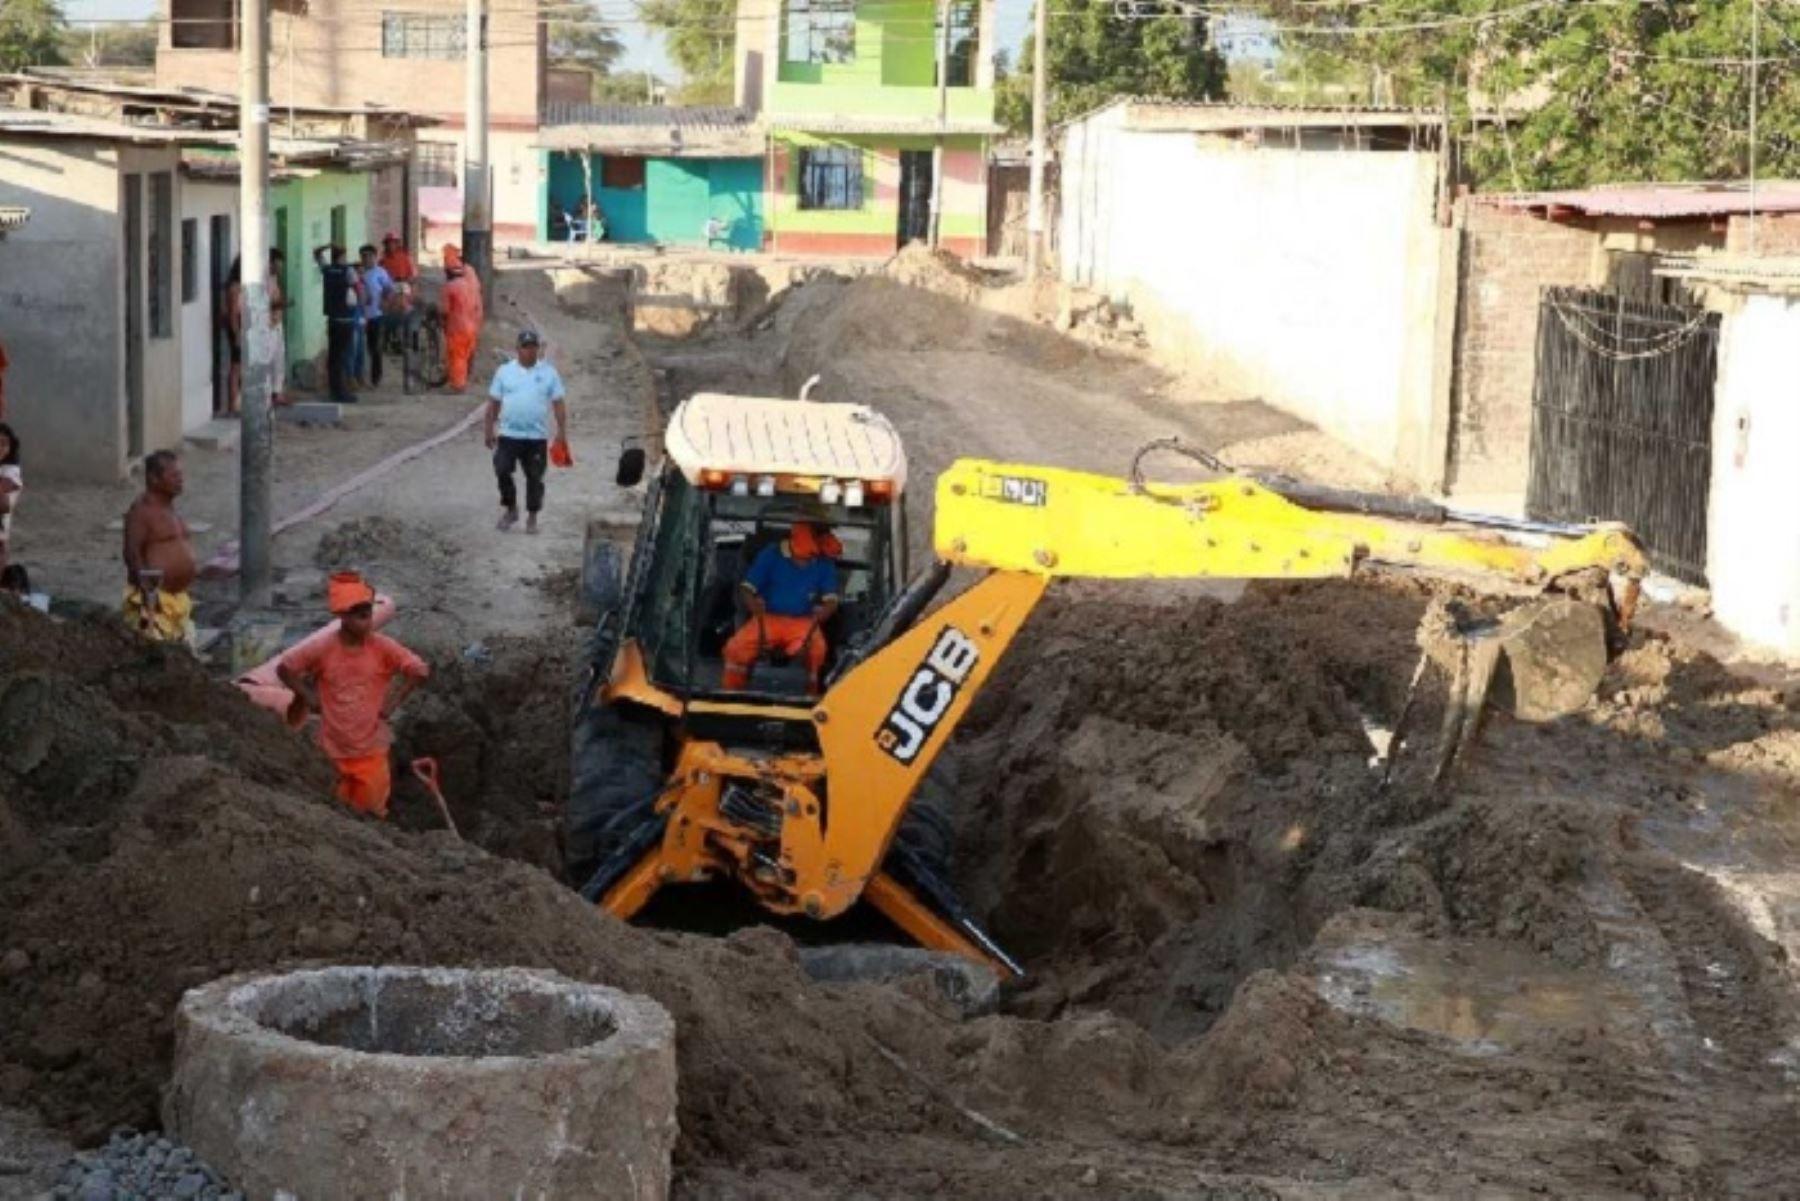 La Autoridad para la Reconstrucción con Cambios (ARCC) dispuso el cambio de unidad ejecutora de 19 intervenciones de agua y saneamiento para que sean realizados por los distritos lambayecanos de Túcume, Motupe y Mochumí en el menor tiempo posible, y con una inversión de S/ 18.5 millones.